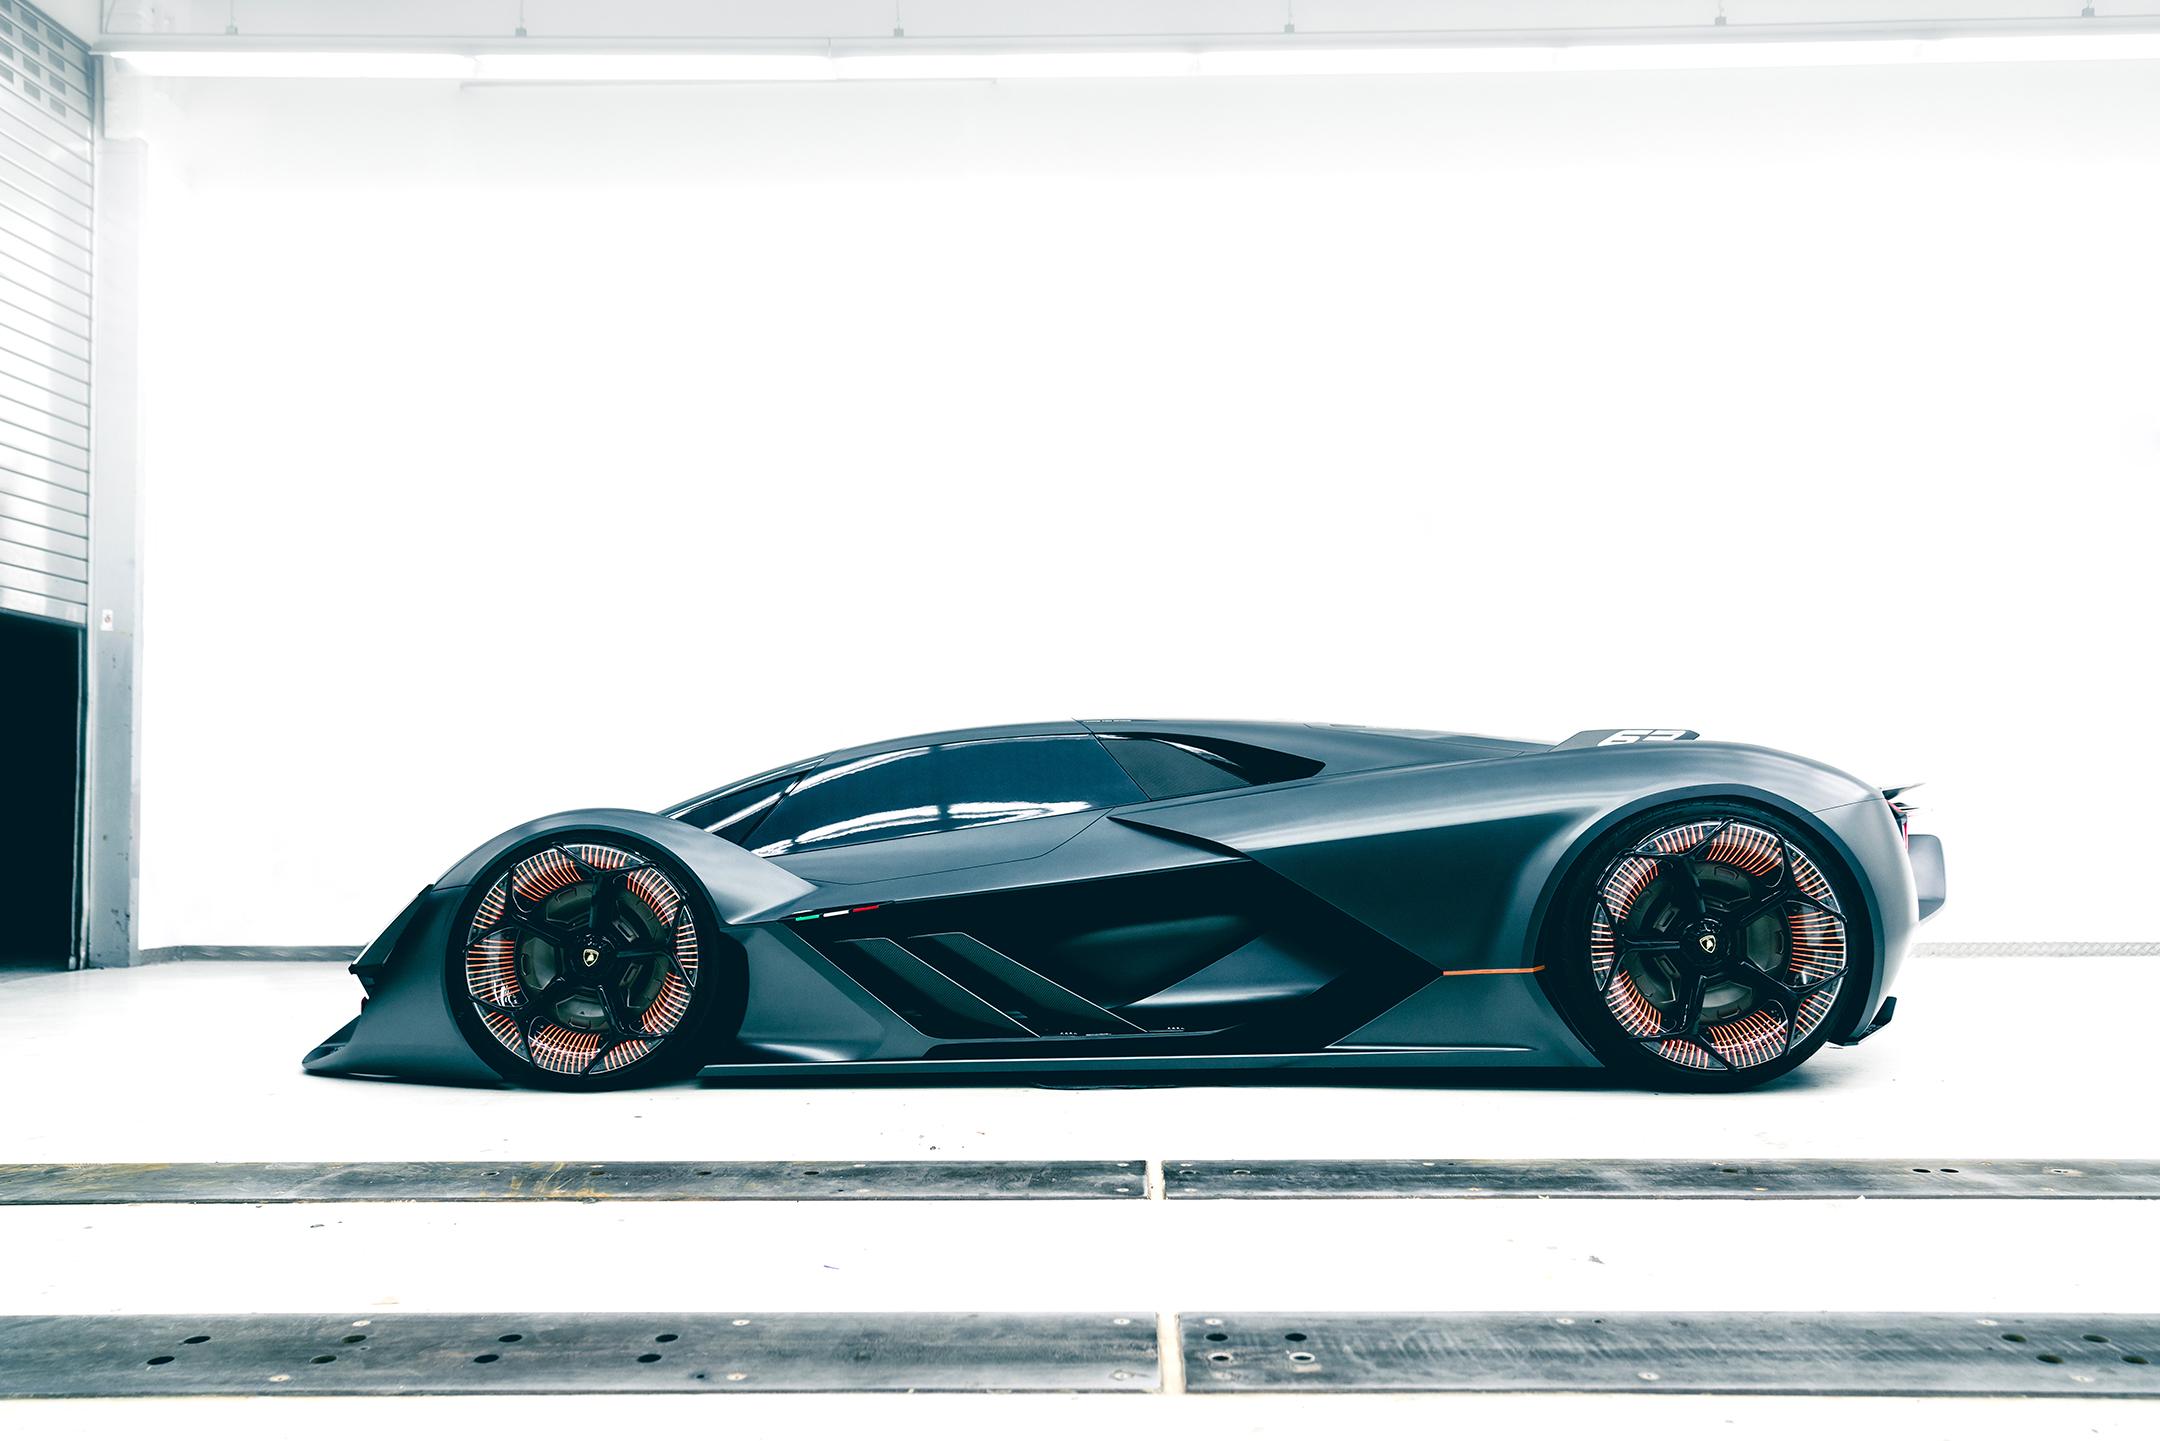 Lamborghini Terzo Millennio - 2017 - side-face / profil